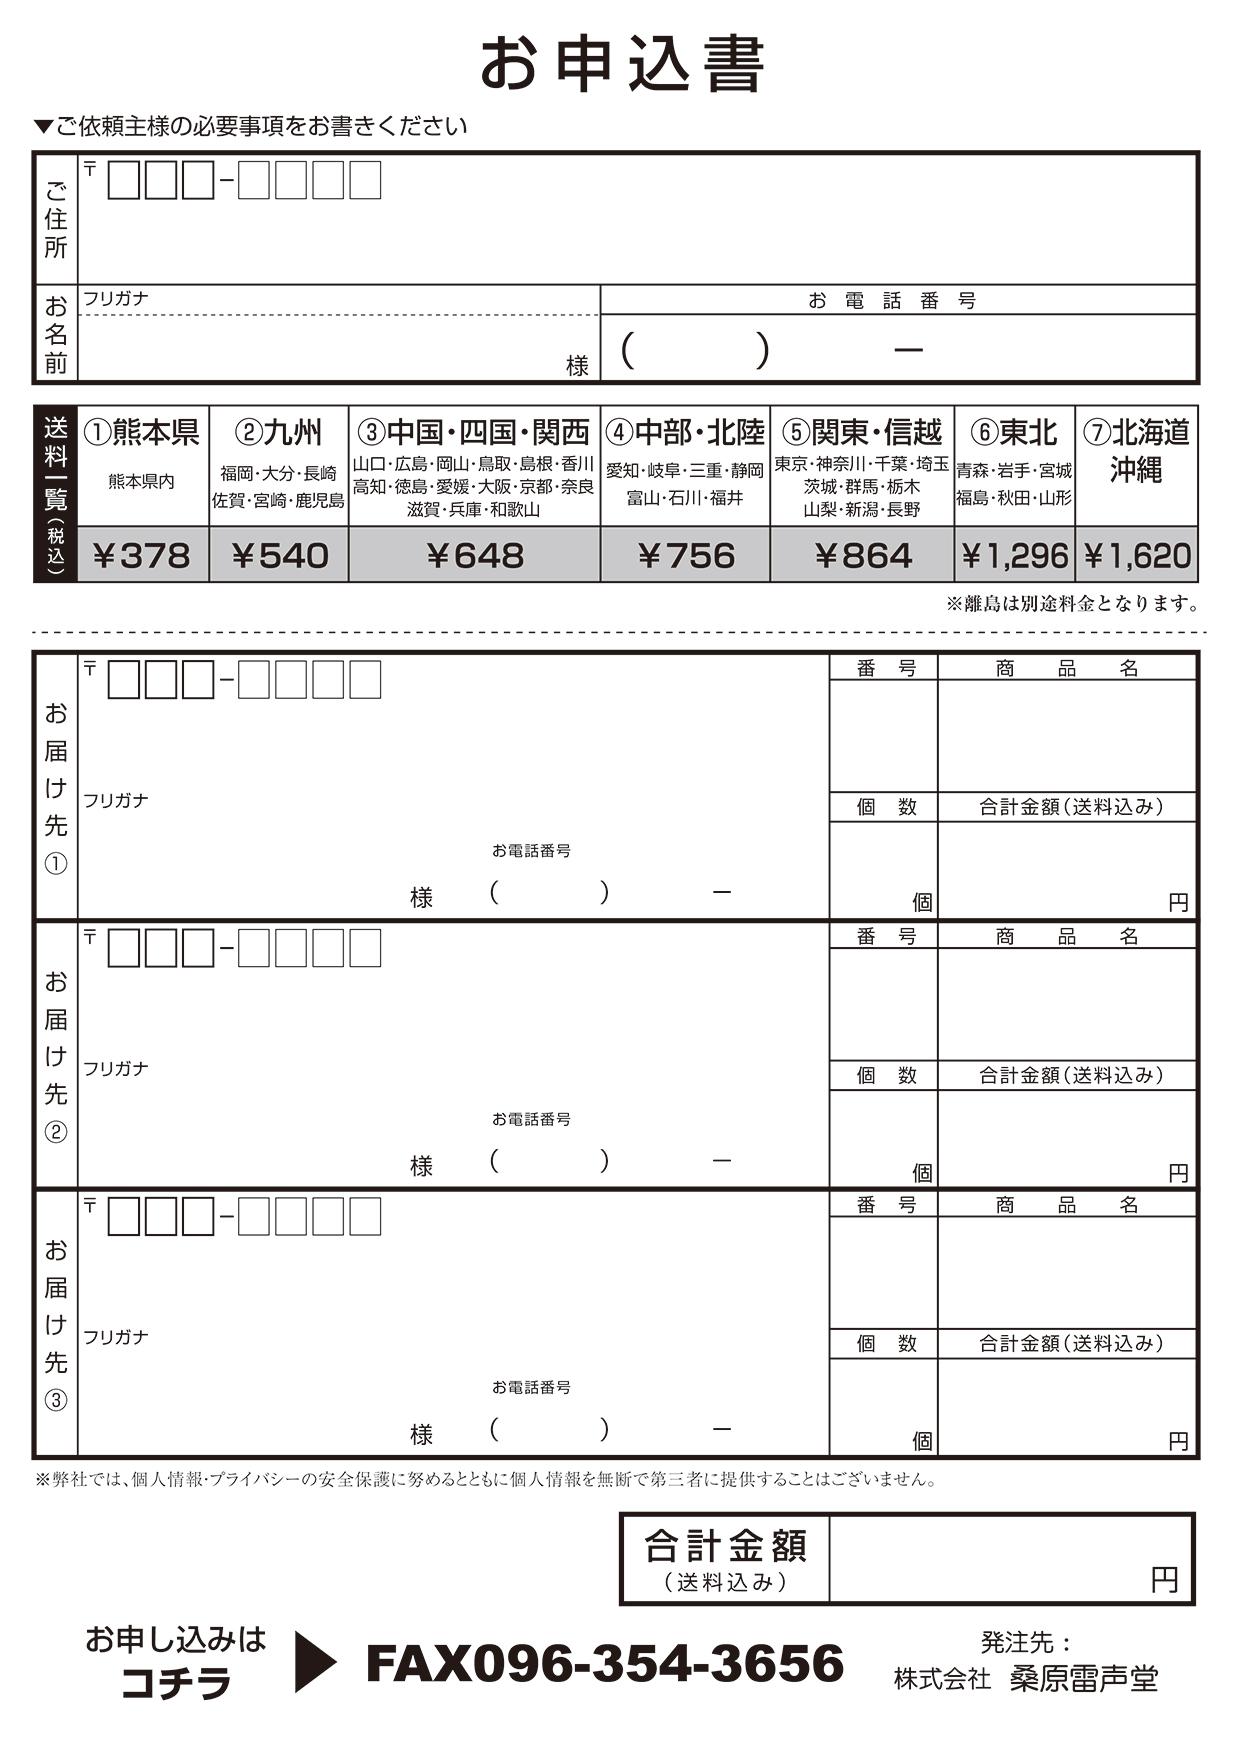 震災お見舞申込書